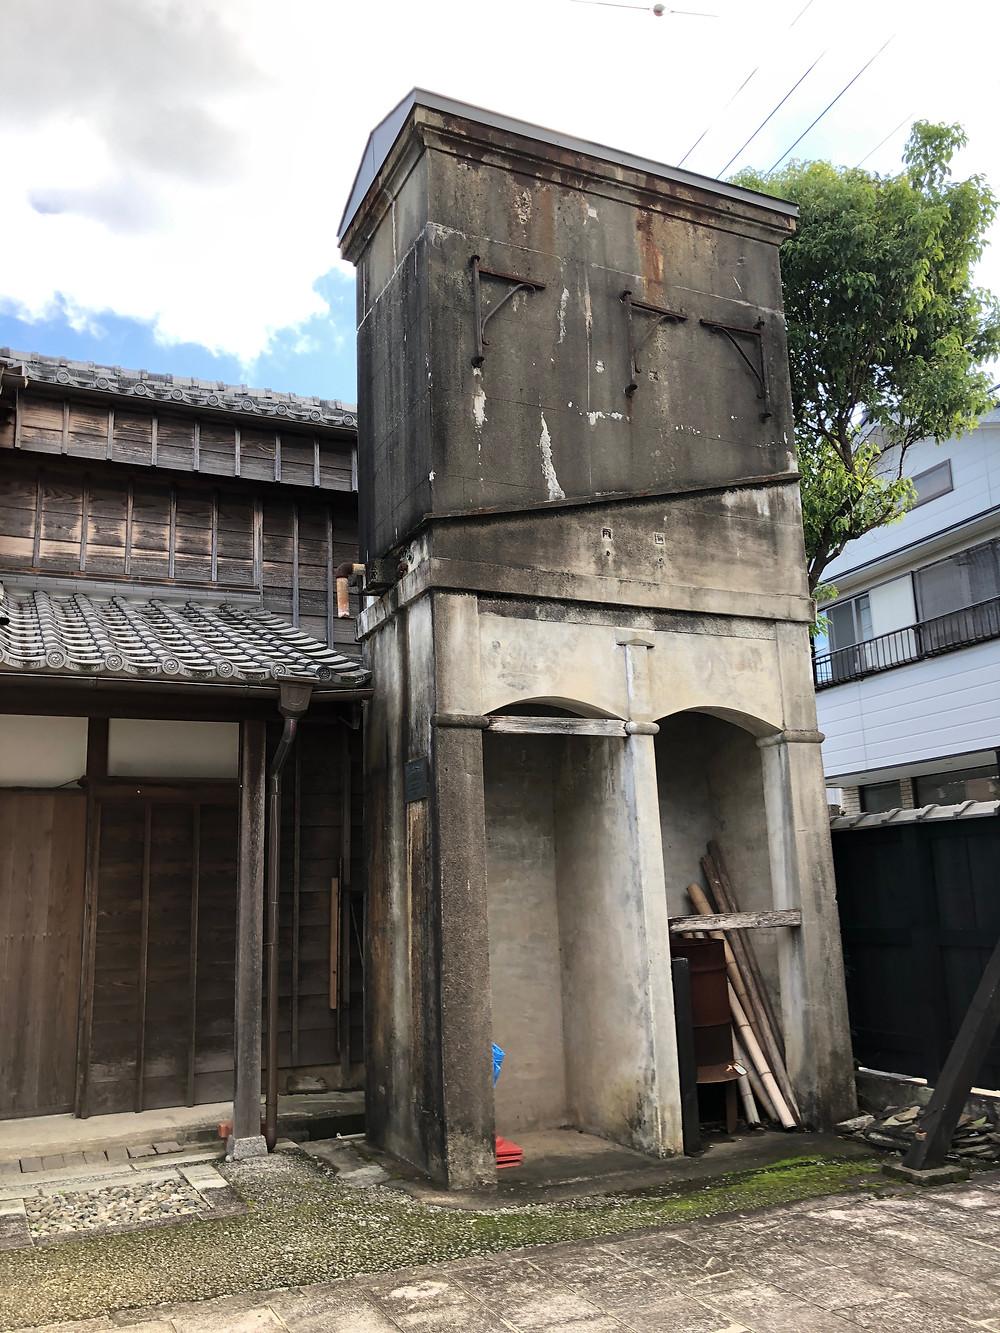 伊勢河崎のサイダー工場の跡地。有形文化財の建物。インテリアコーディネーターのブログ。